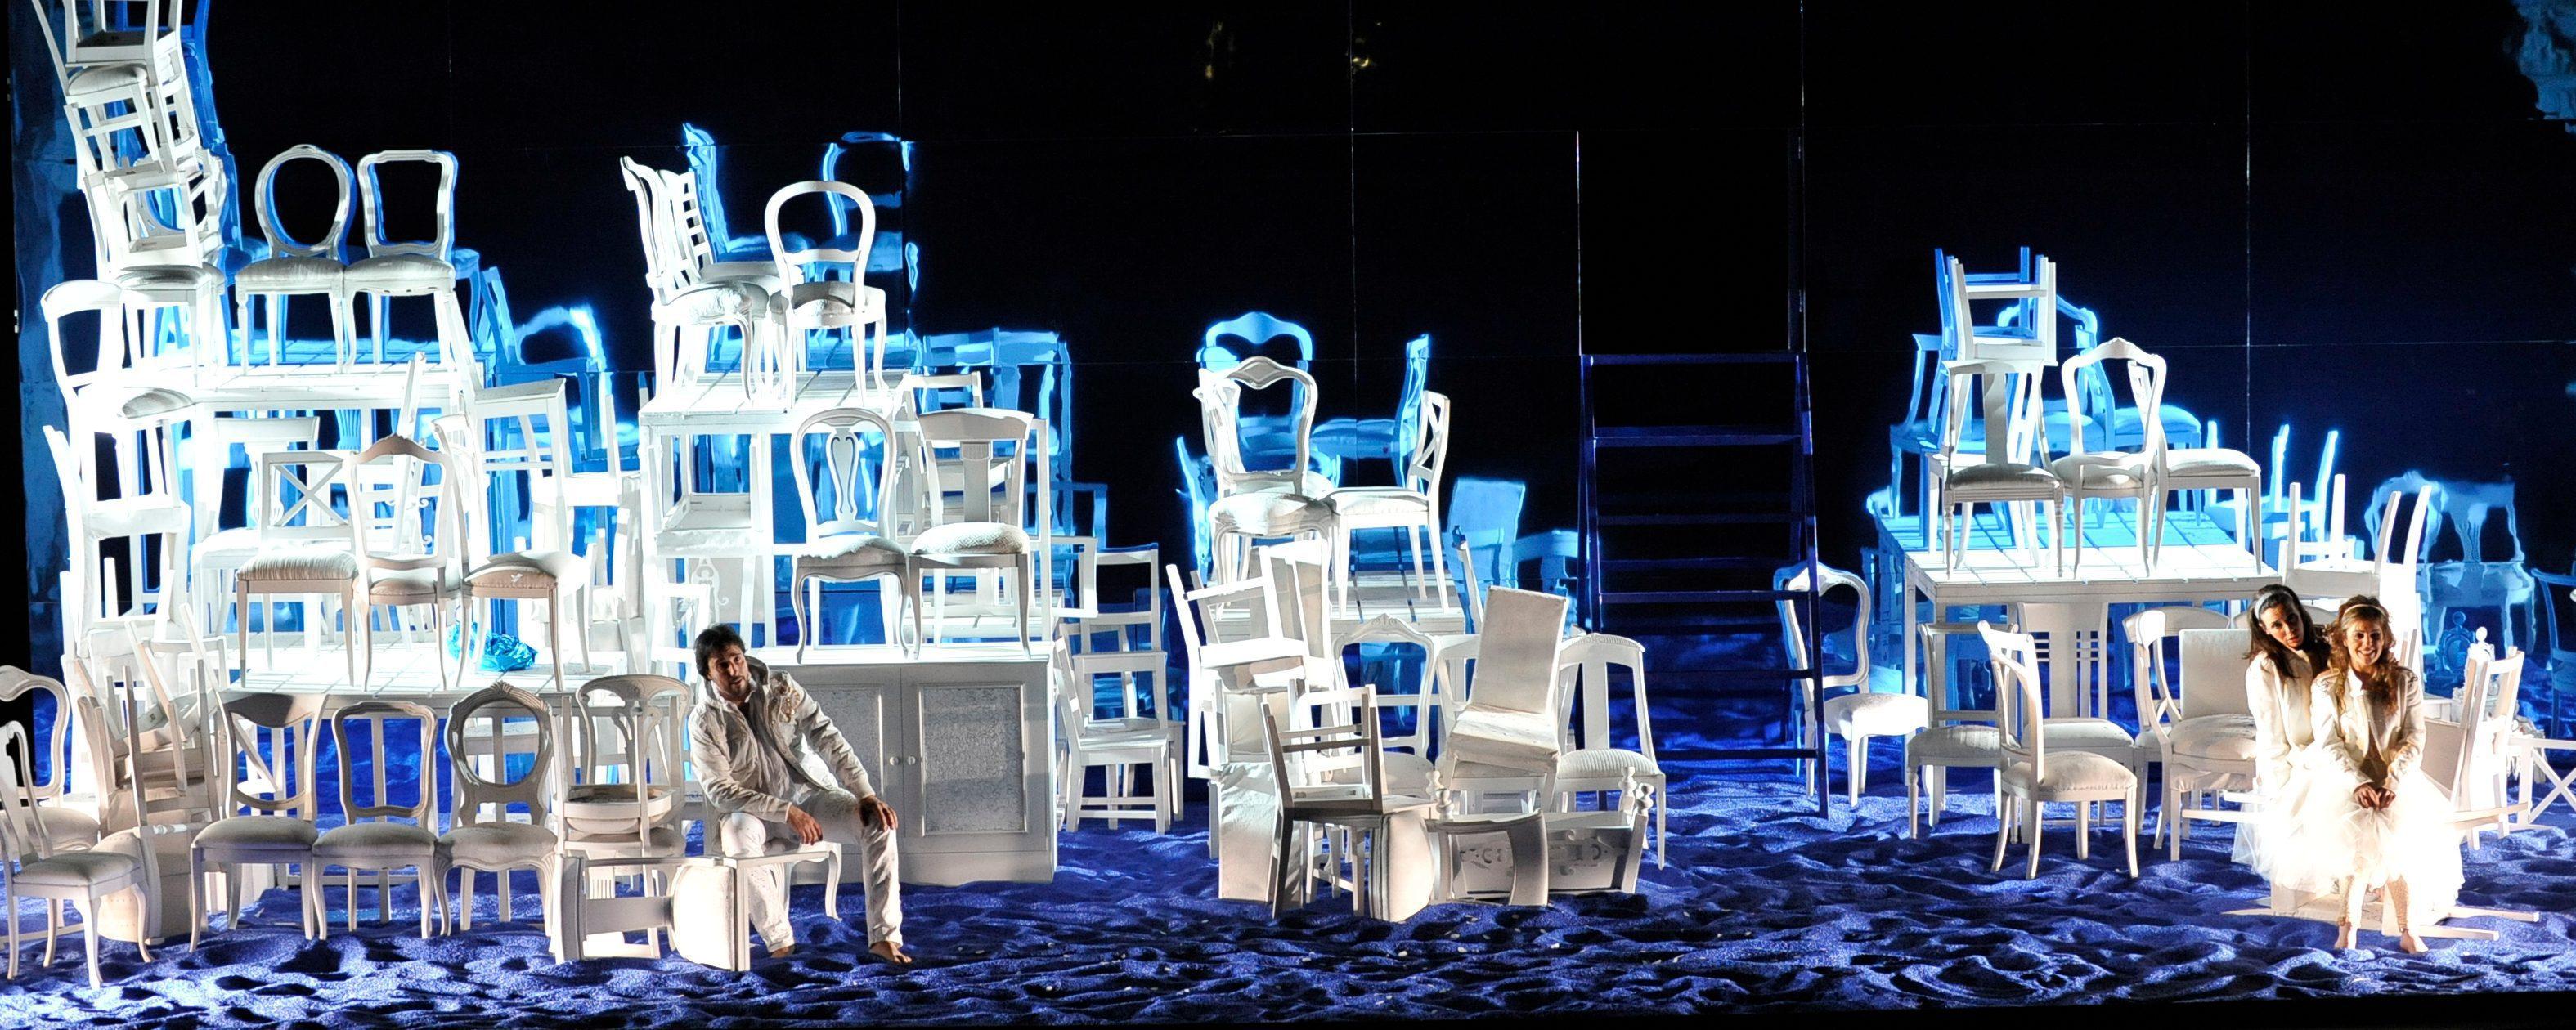 L'isola disabitata Ópera de García Palau de les Arts Les Arts És Òpera